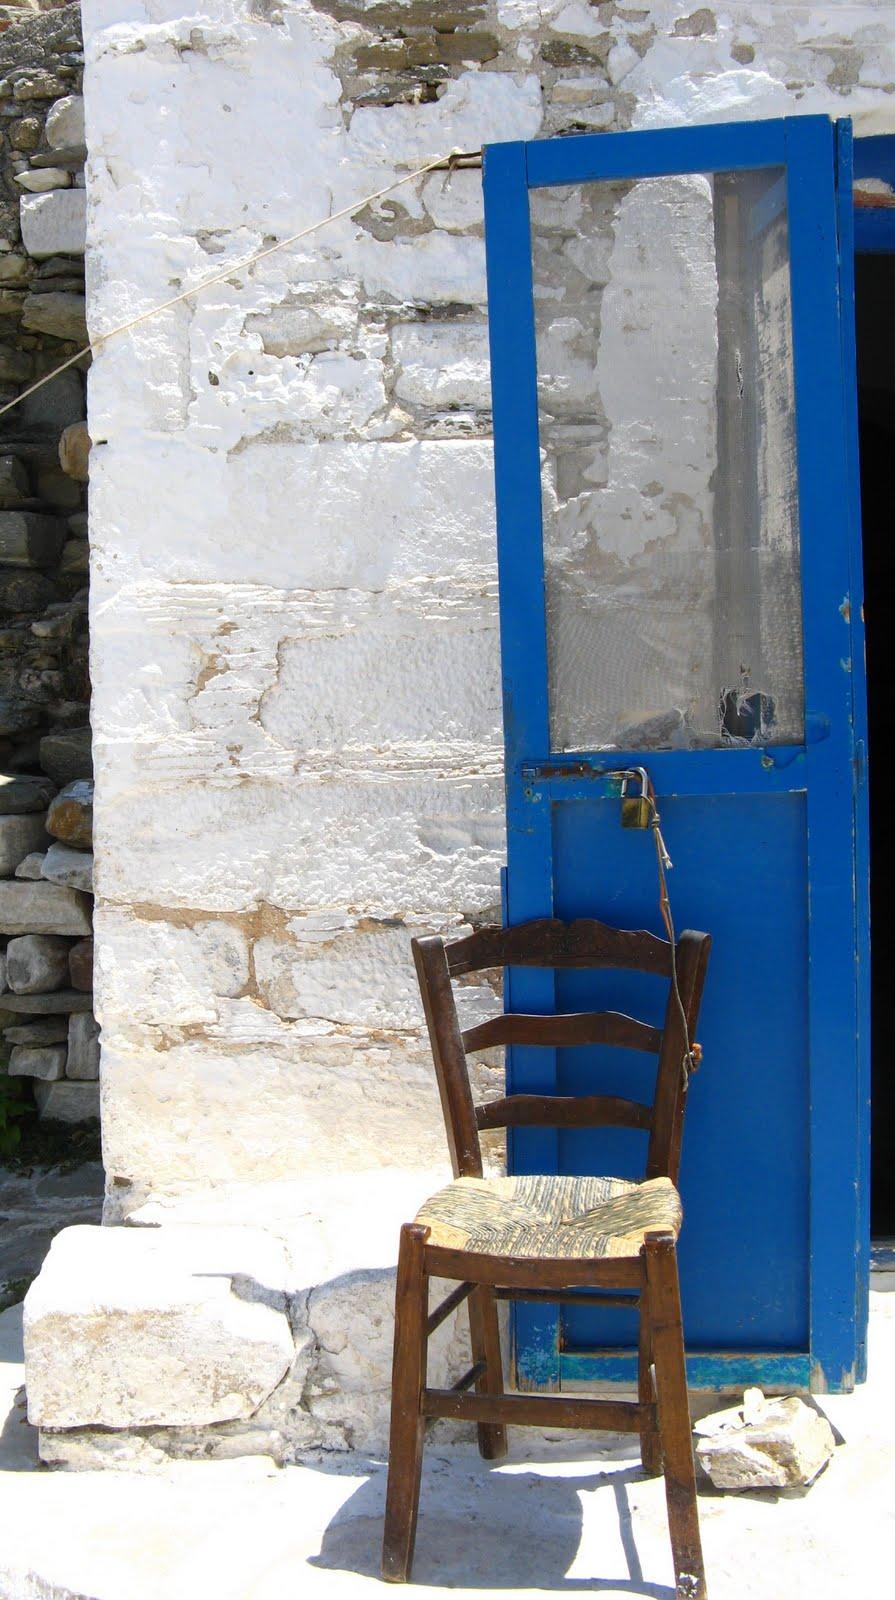 Parikia Grecia detalle de silla y puerta